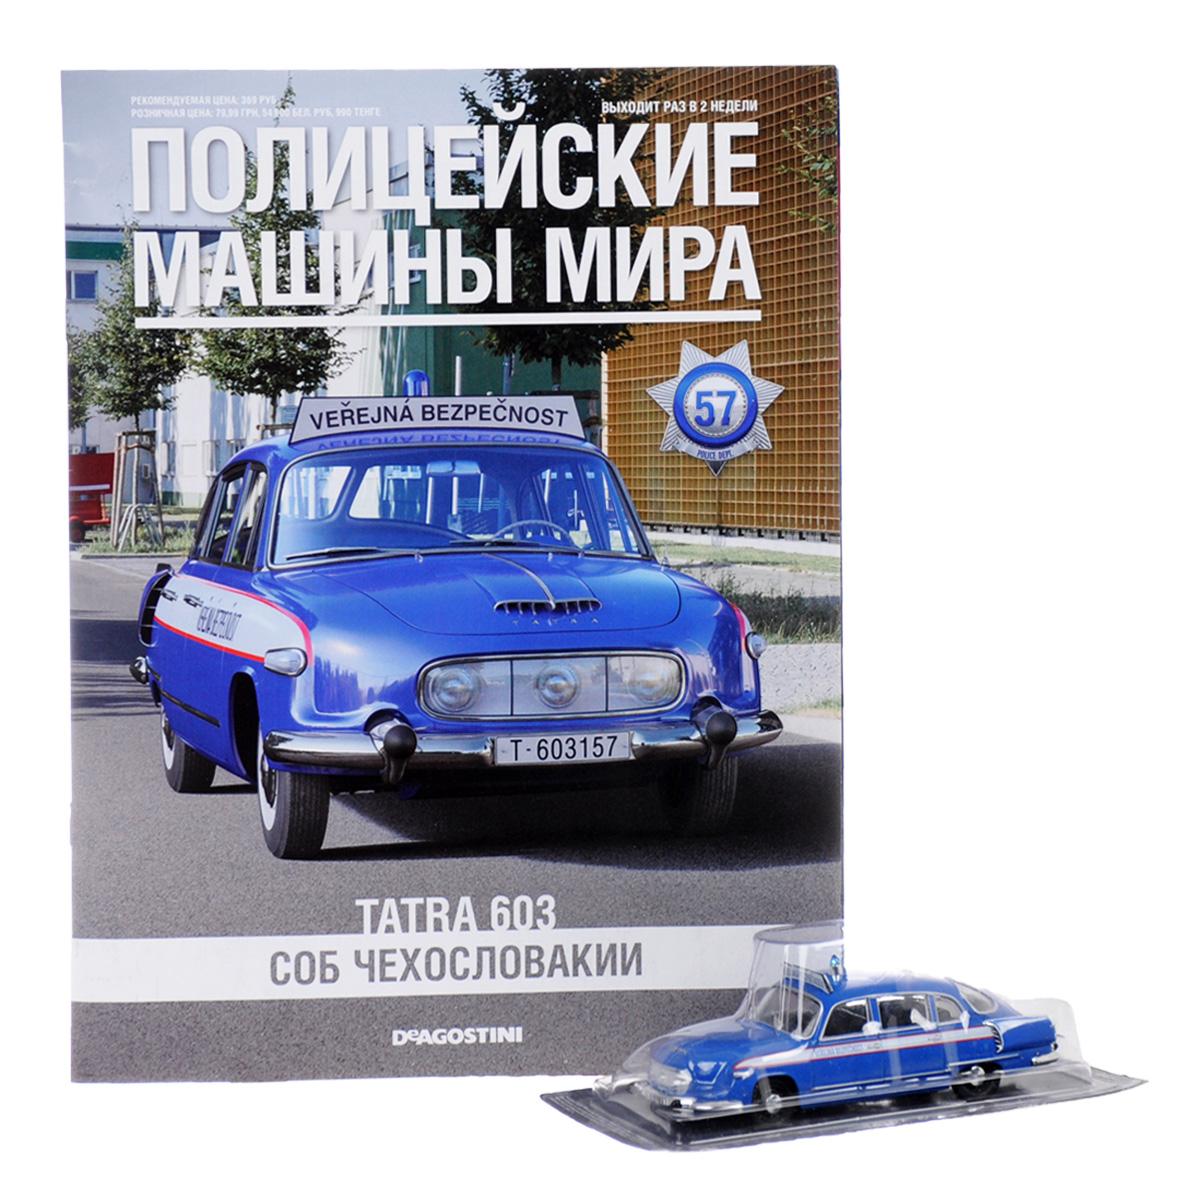 Журнал Полицейские машины мира №57PC057Новая коллекция журналов и масштабных моделей от ДеАгостини. Полицейские автомобили представлены моделями разных стран мира периода 20 - начала 21 века. В данное издание вошла модель автомобиля Tatra 603. Соб Чехословакии, в масштабе 1:43. Категория 16+.